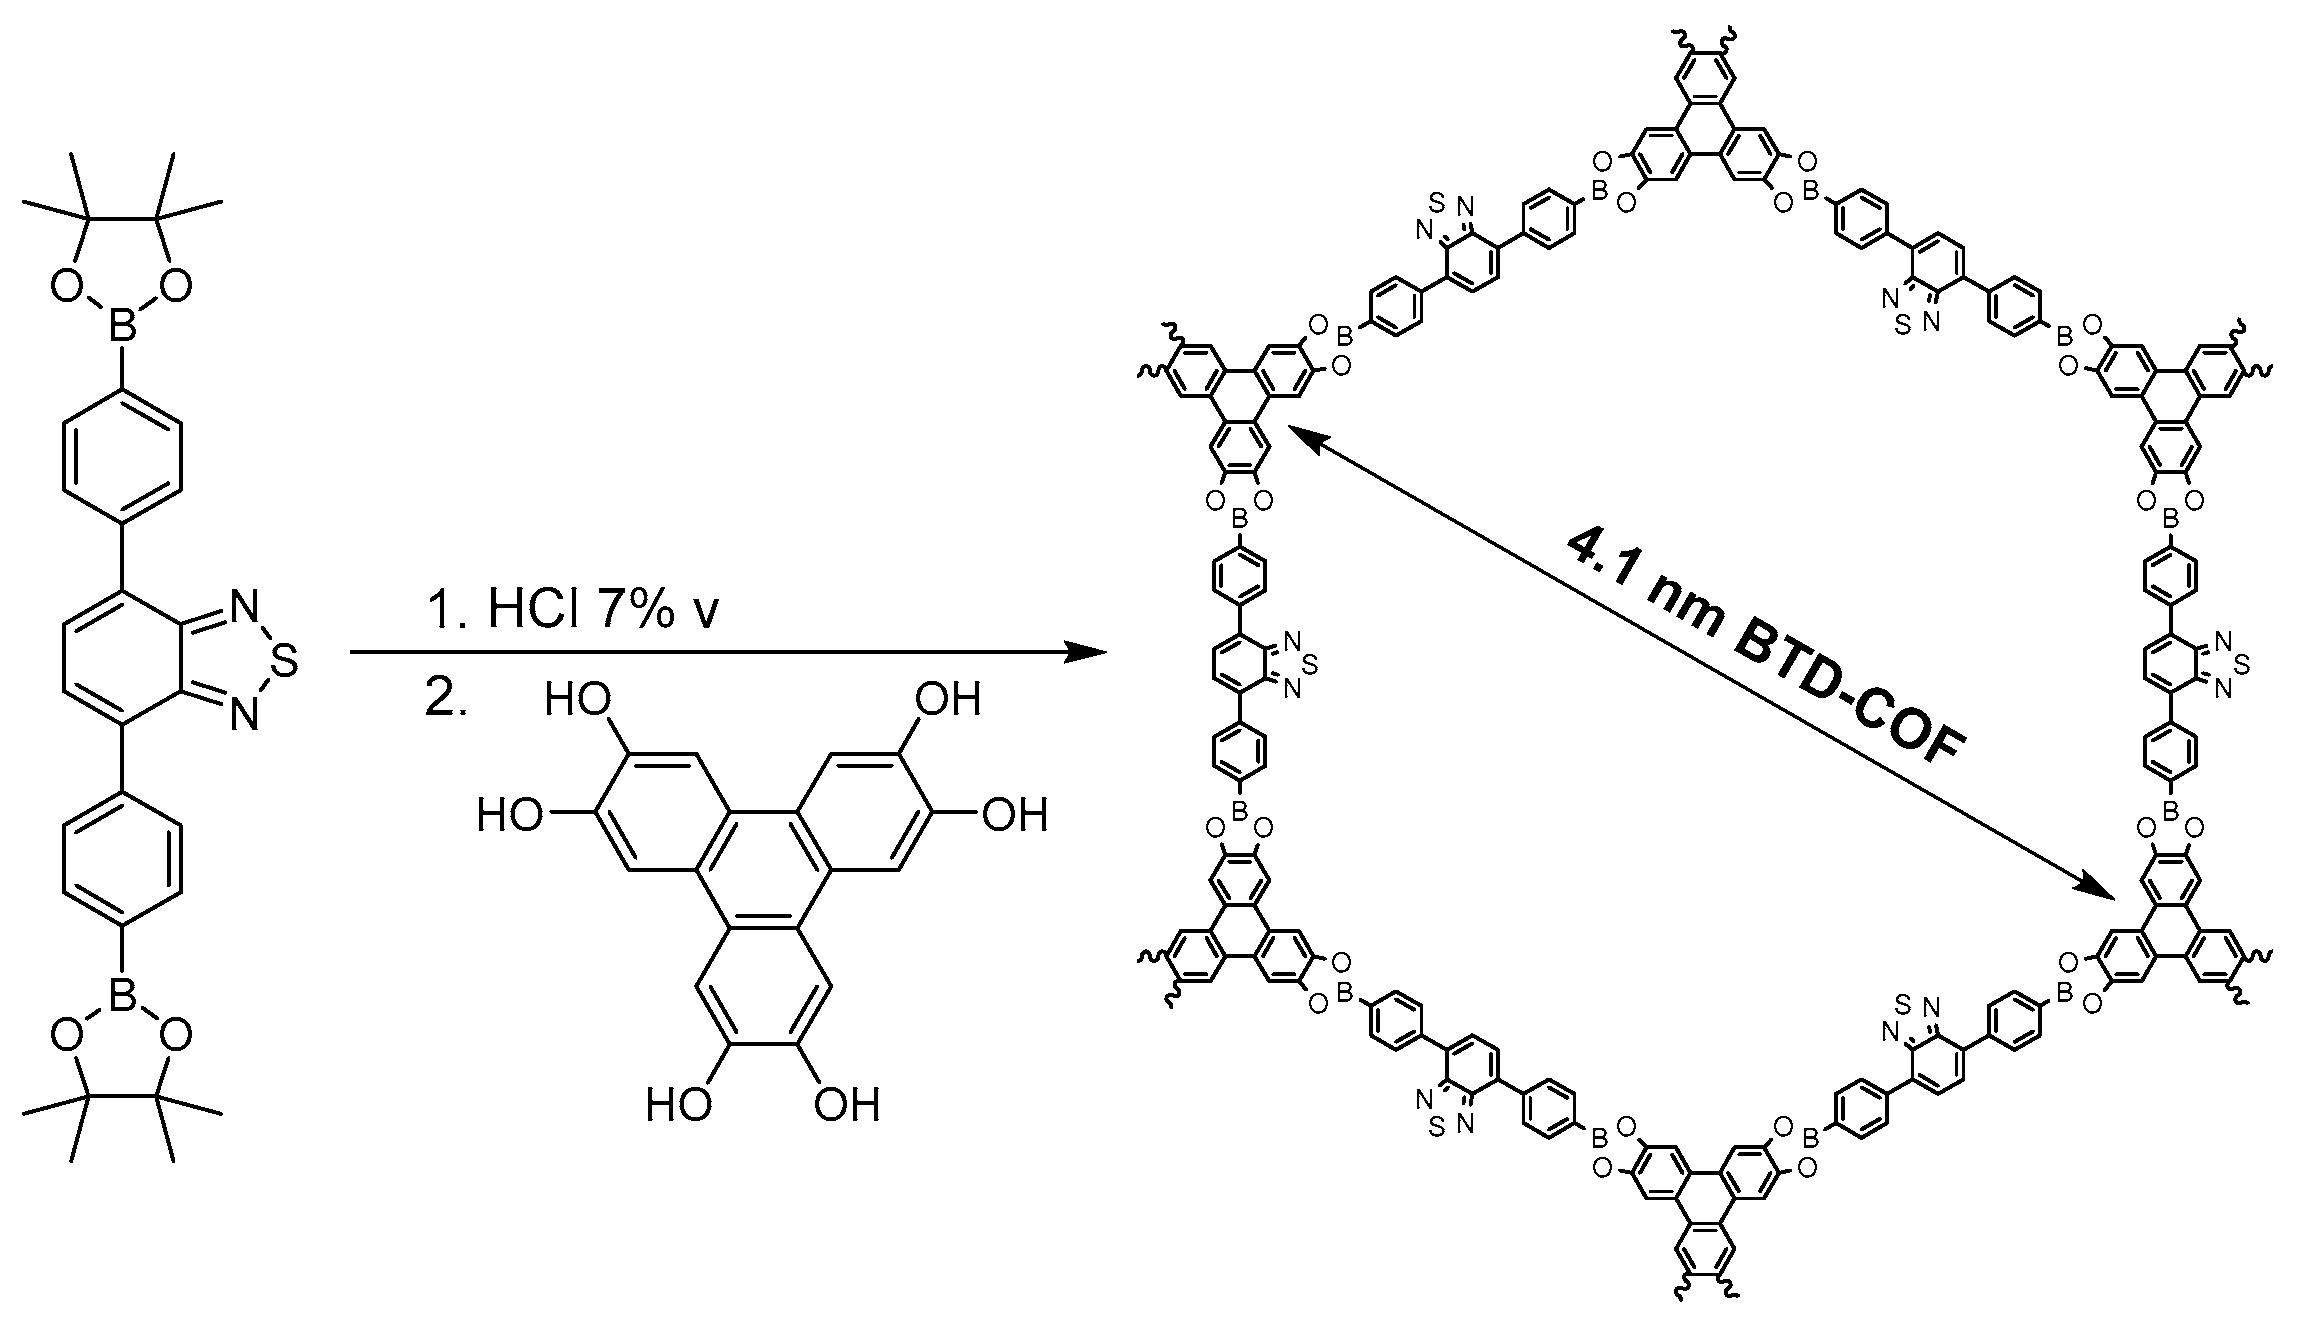 citroen c8 engine wiring diagram